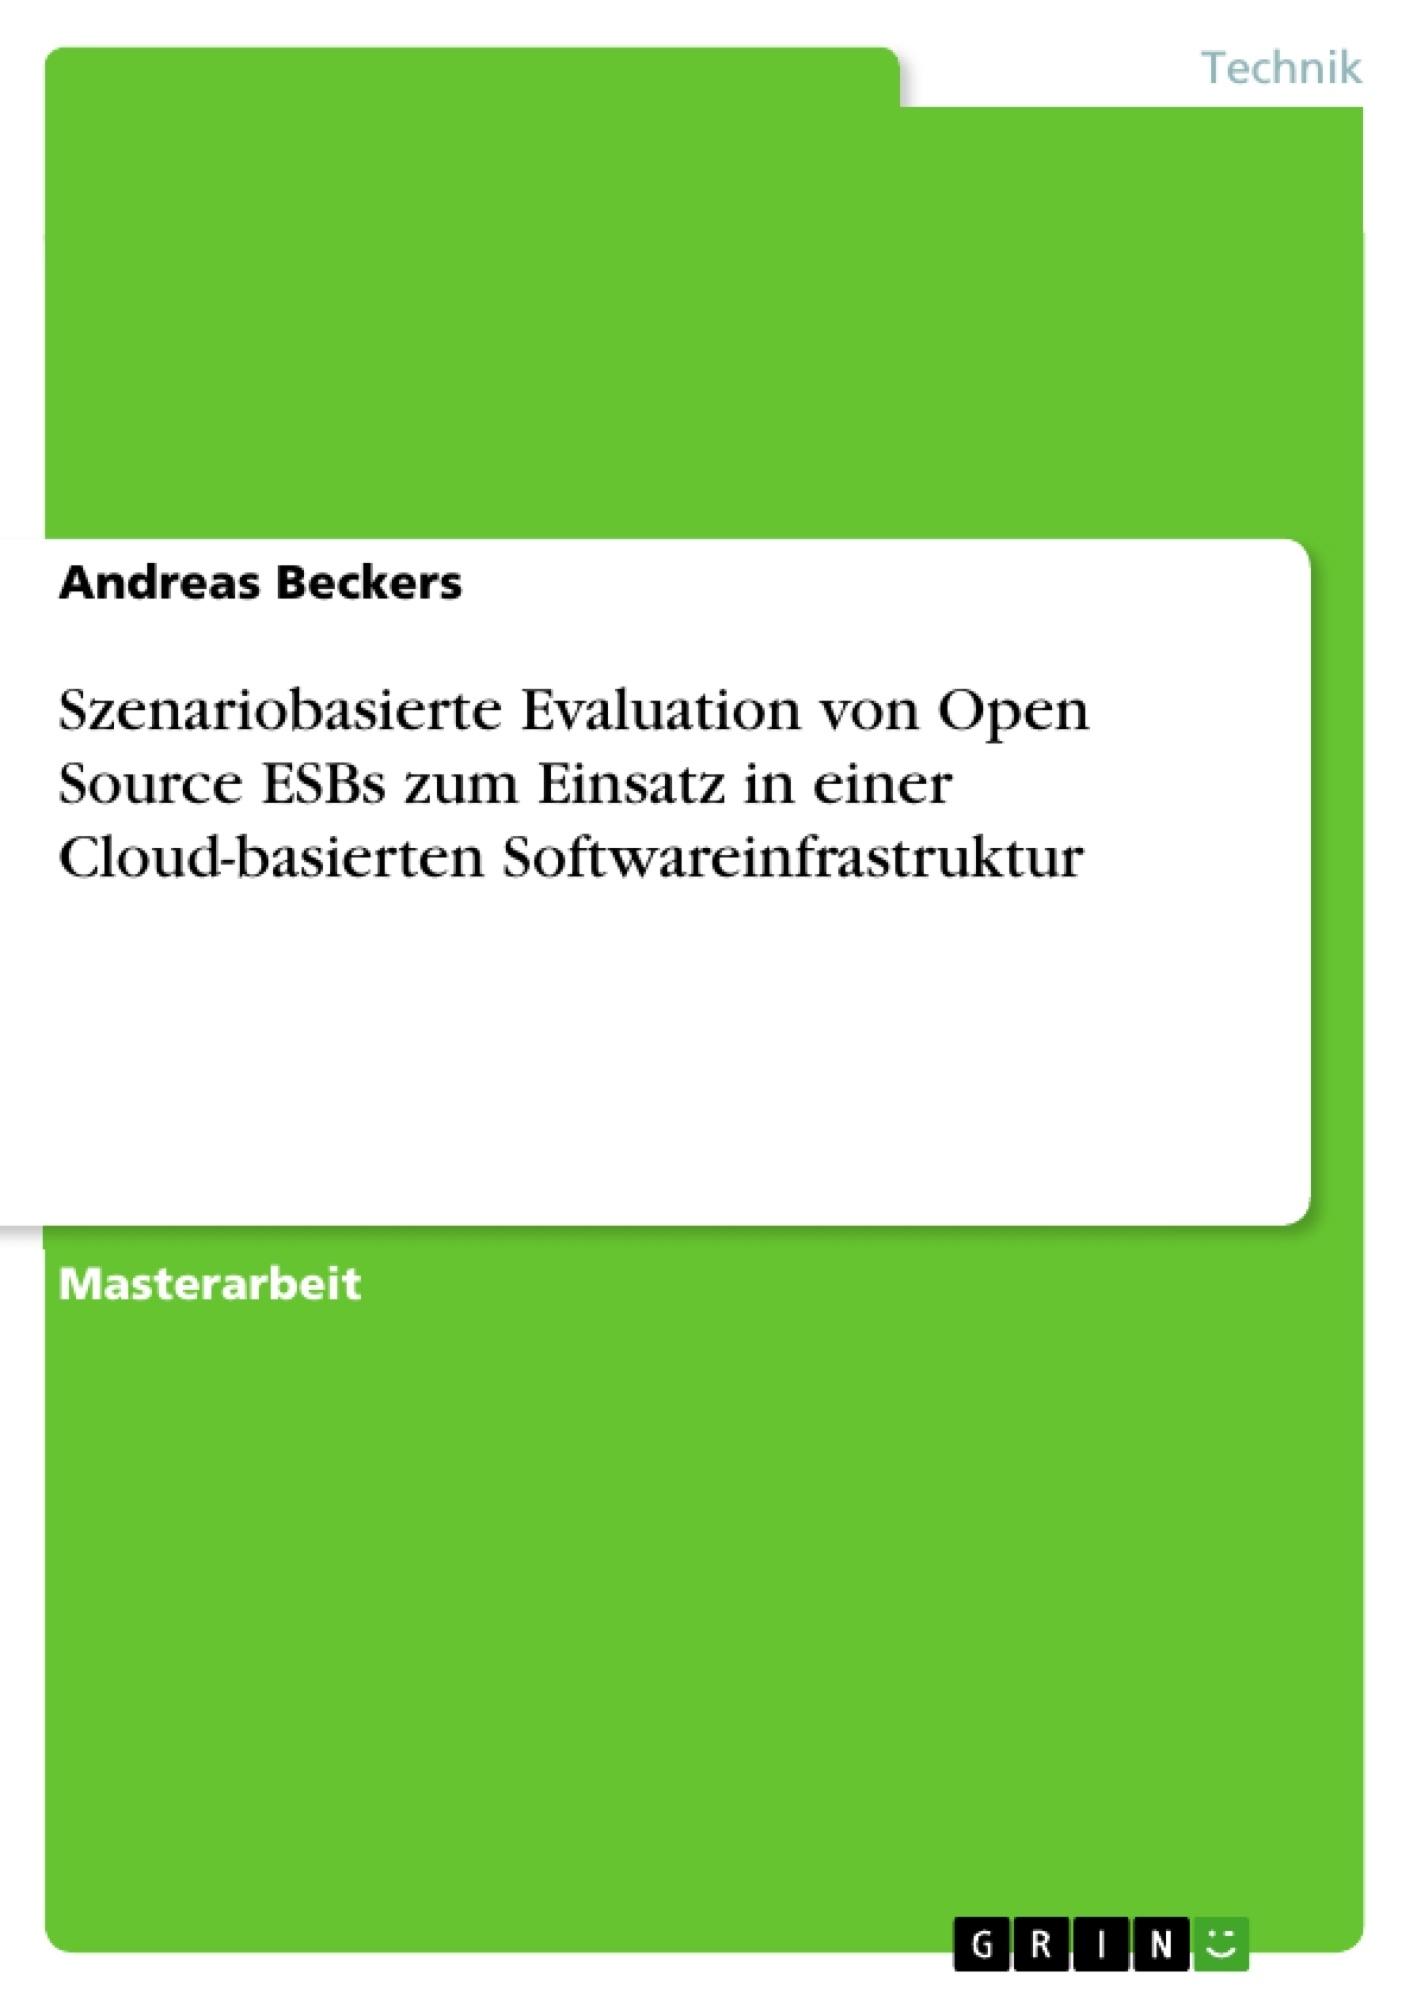 Titel: Szenariobasierte Evaluation von Open Source ESBs zum Einsatz in einer Cloud-basierten Softwareinfrastruktur